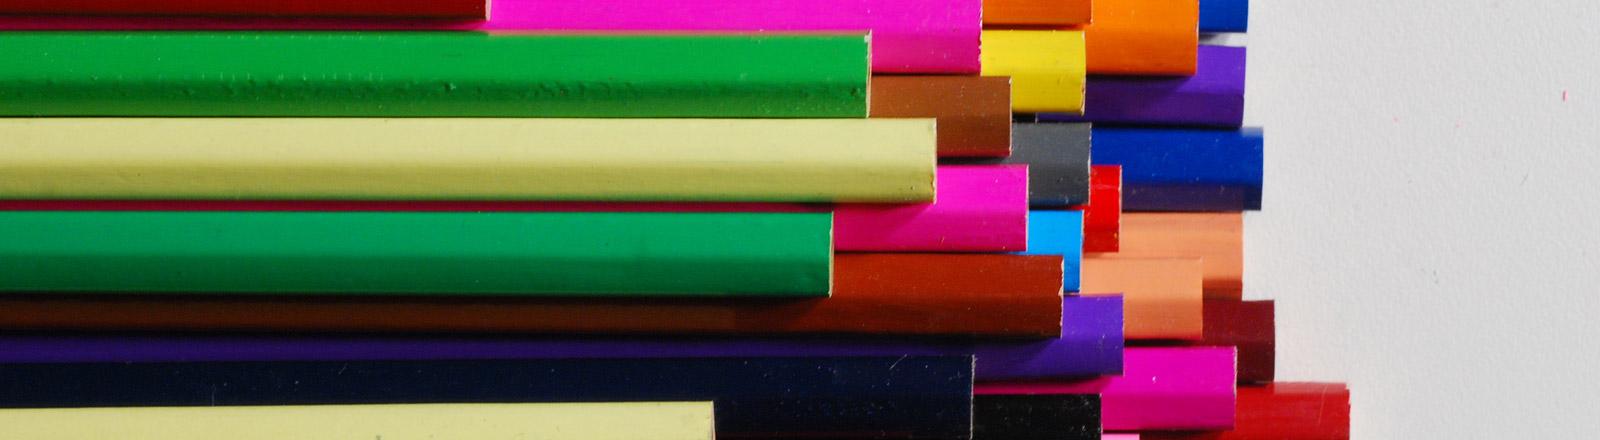 Bunte Stifte auf einem Stapel